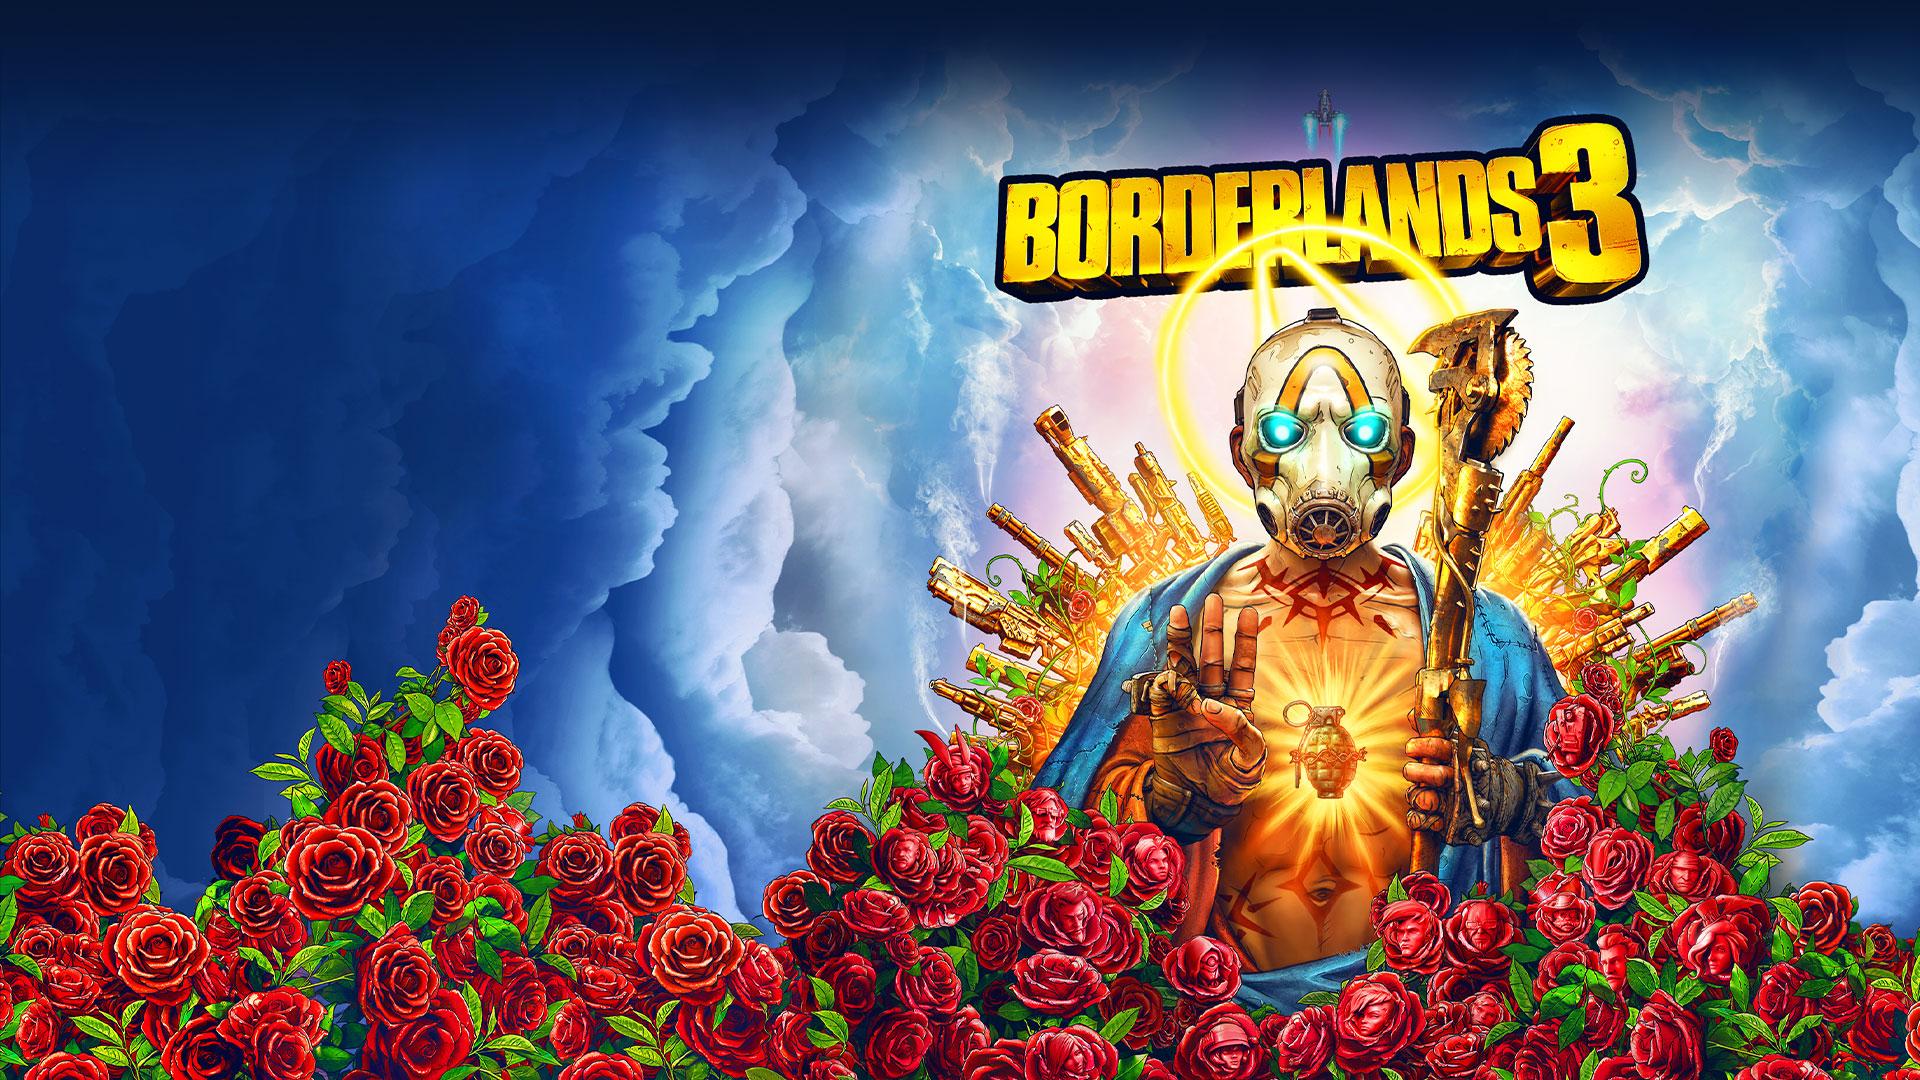 Borderlands 3, un personaje psicópata, sentado en un trono de armas, muestra 3 dedos